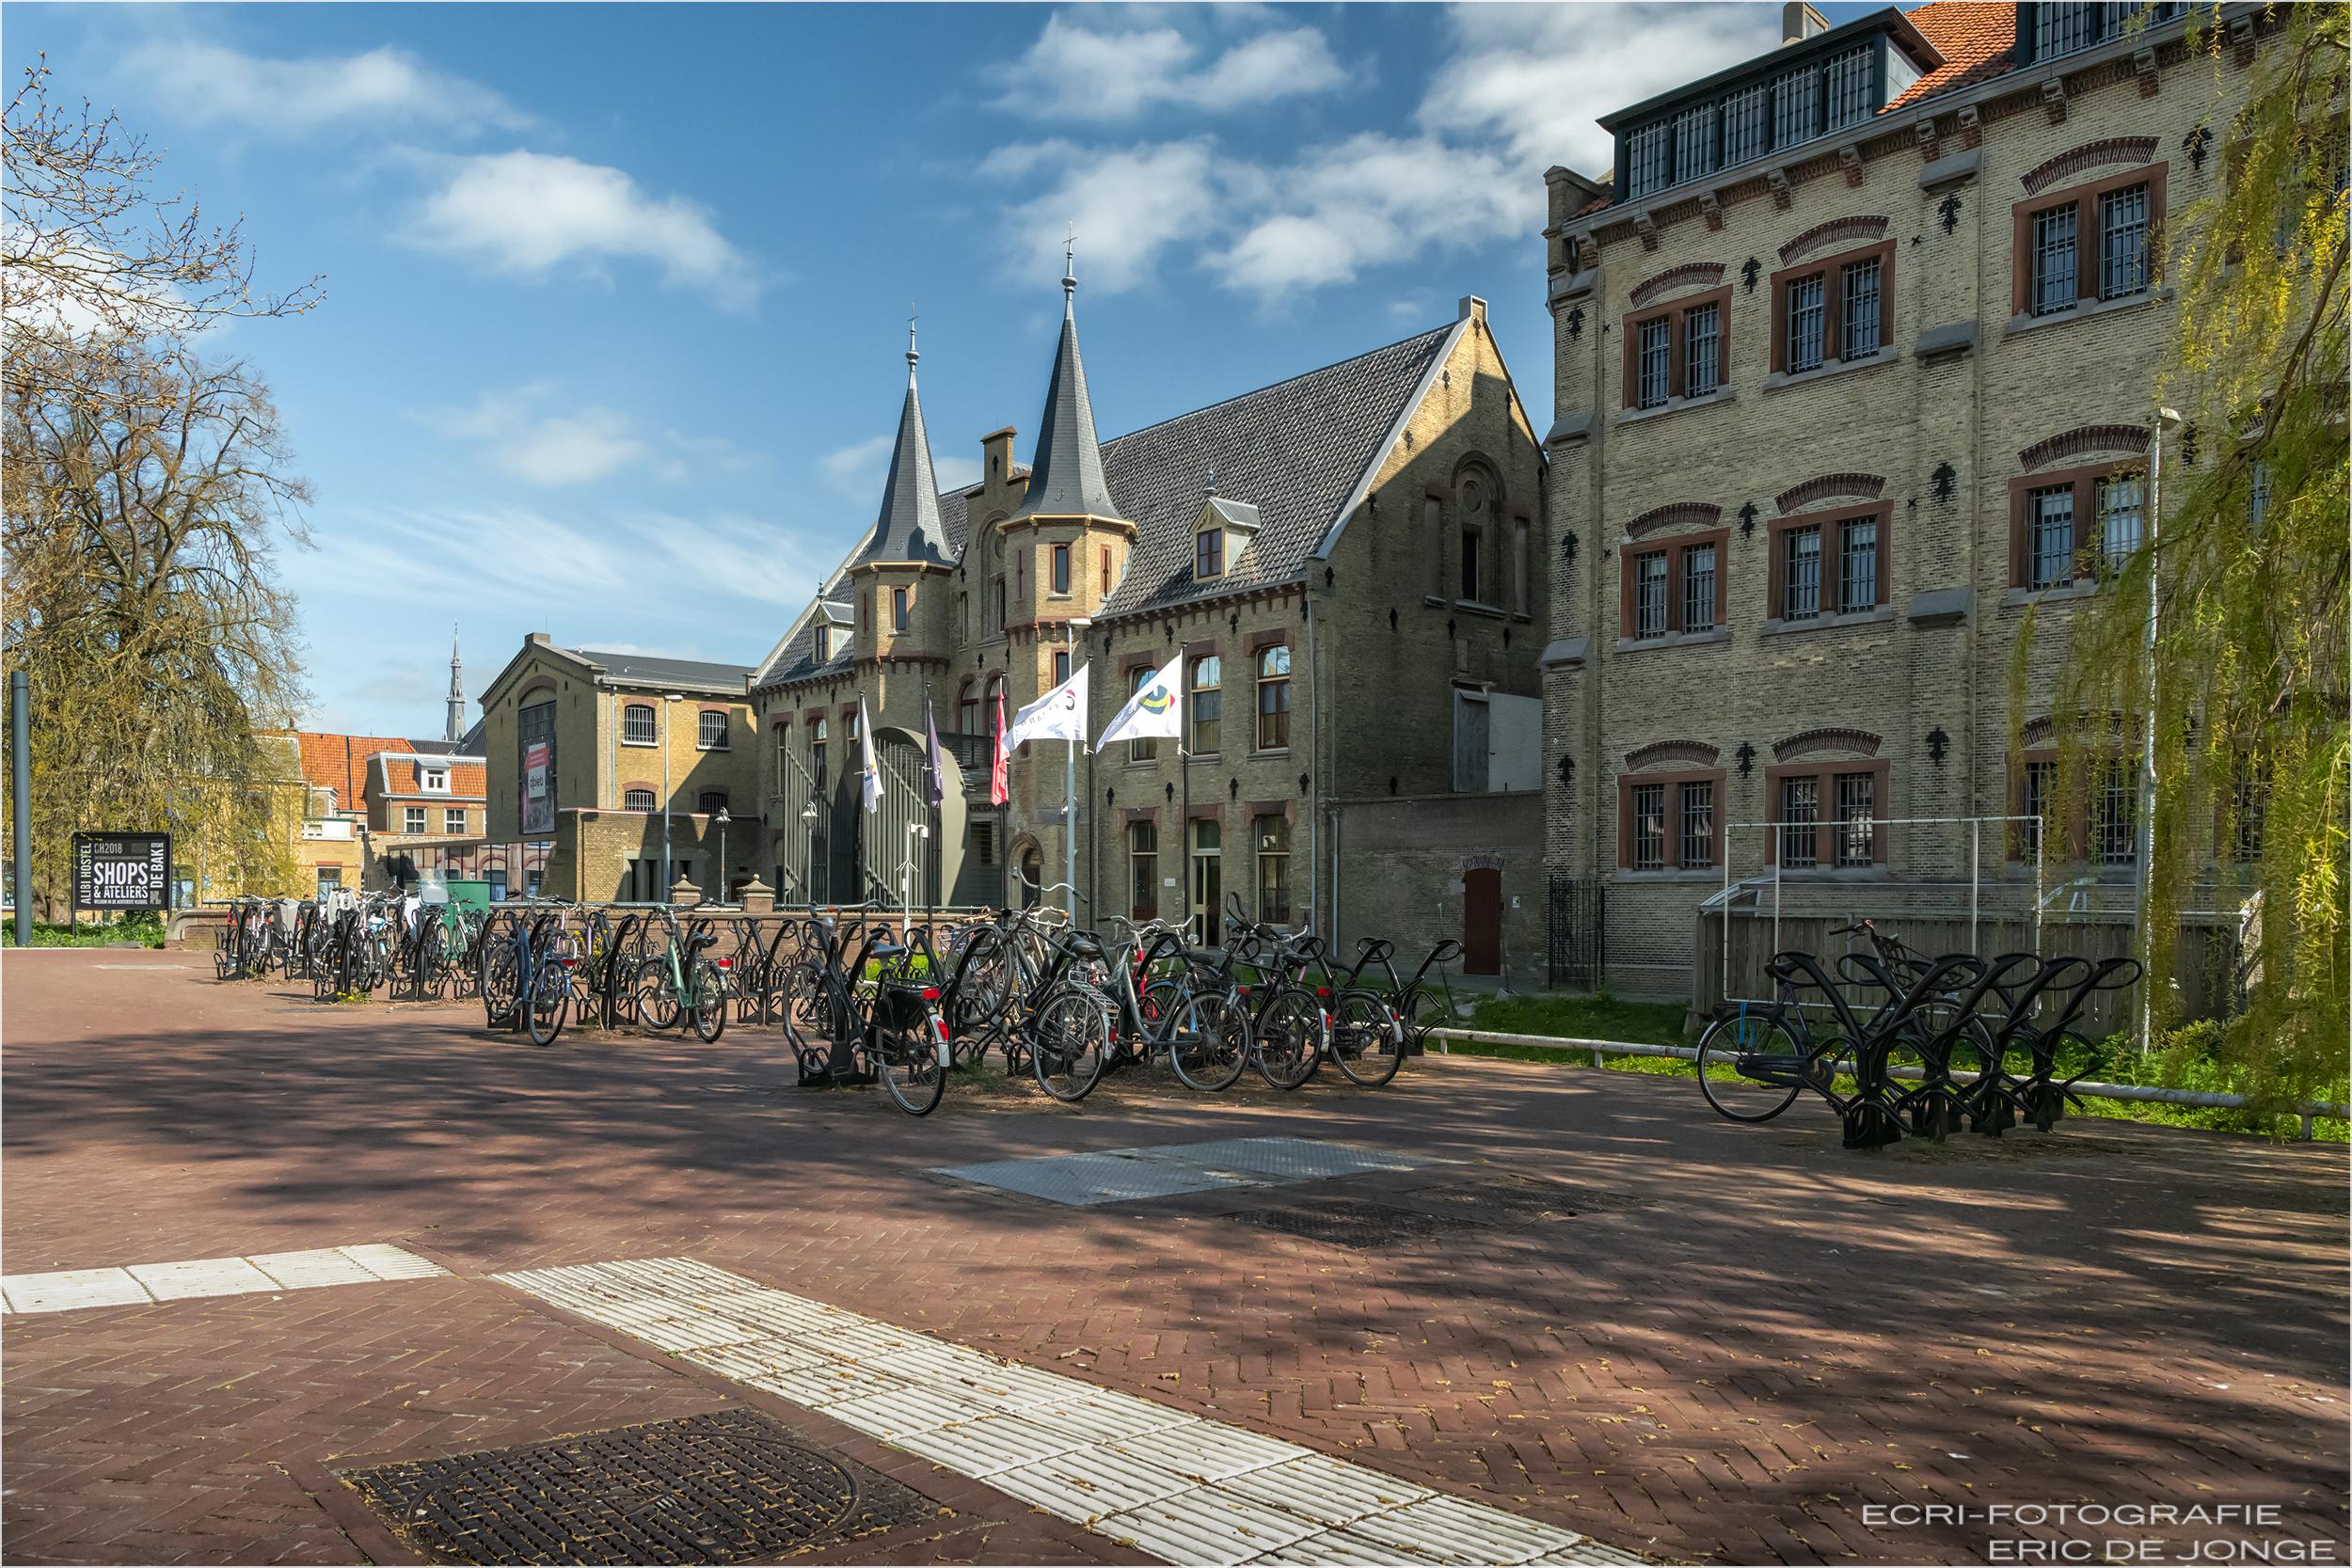 ecri-fotografie.nl, Eric de Jonge